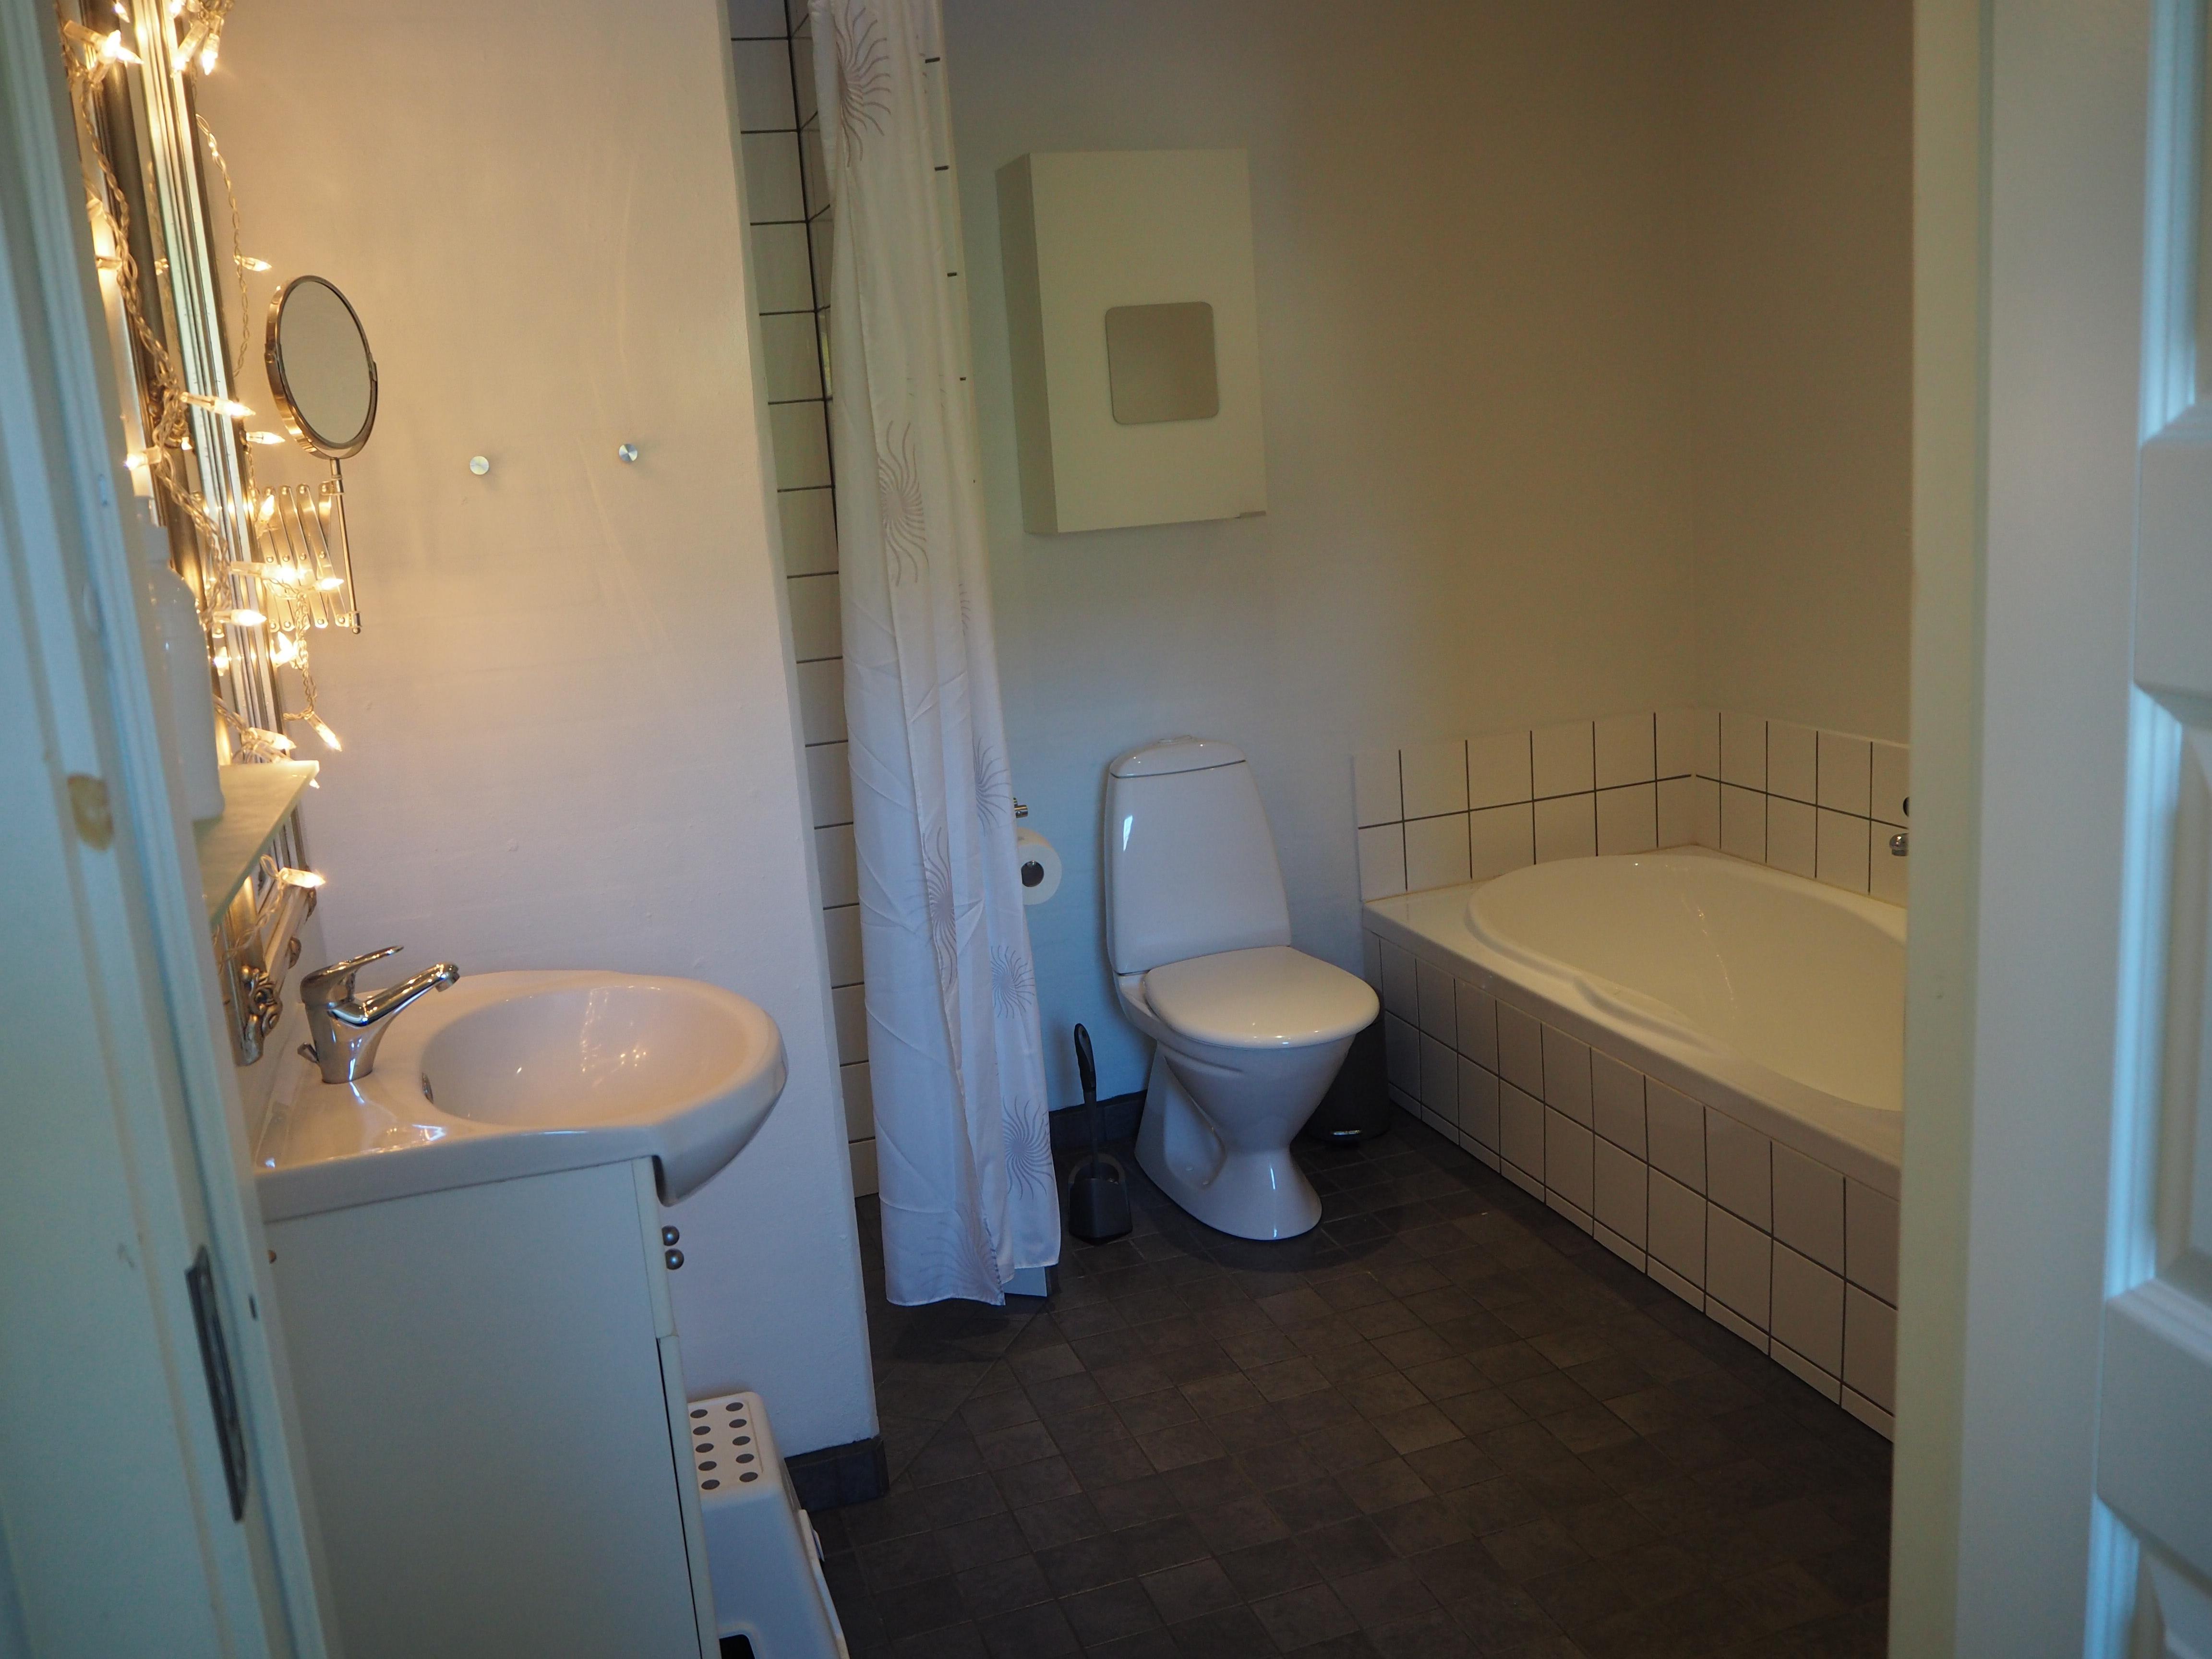 Apt. B, bathroom